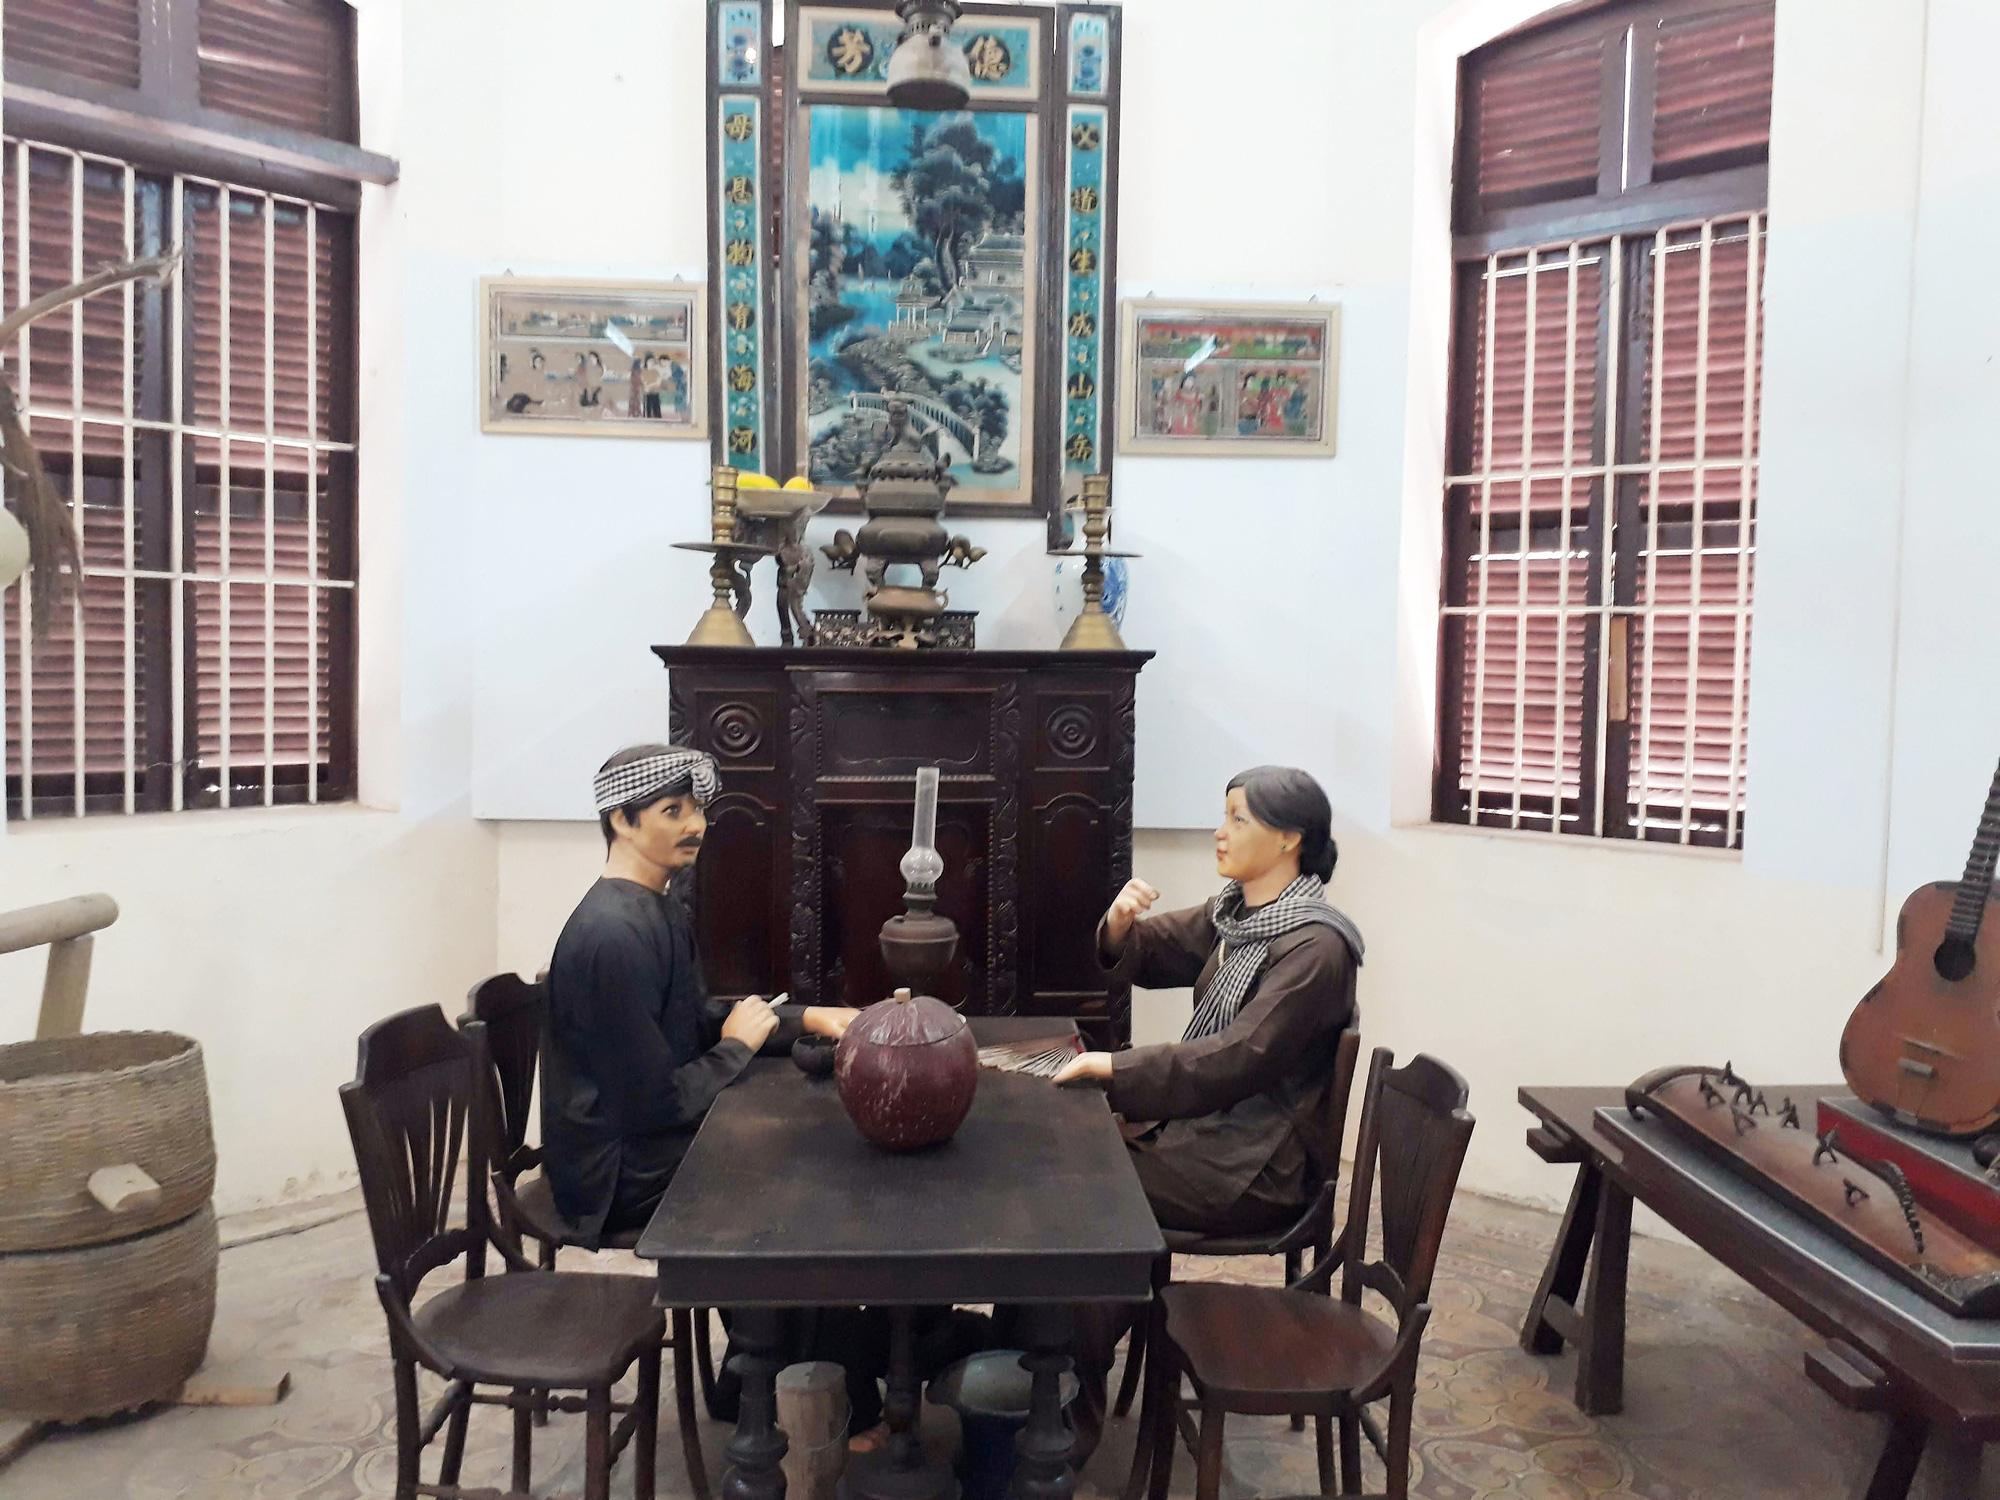 Artifacts inside Bac Lieu Museum in Ward 3, Bac Lieu City, Bac Lieu Province, Vietnam. Photo: Tuyet Kieu / Tuoi Tre